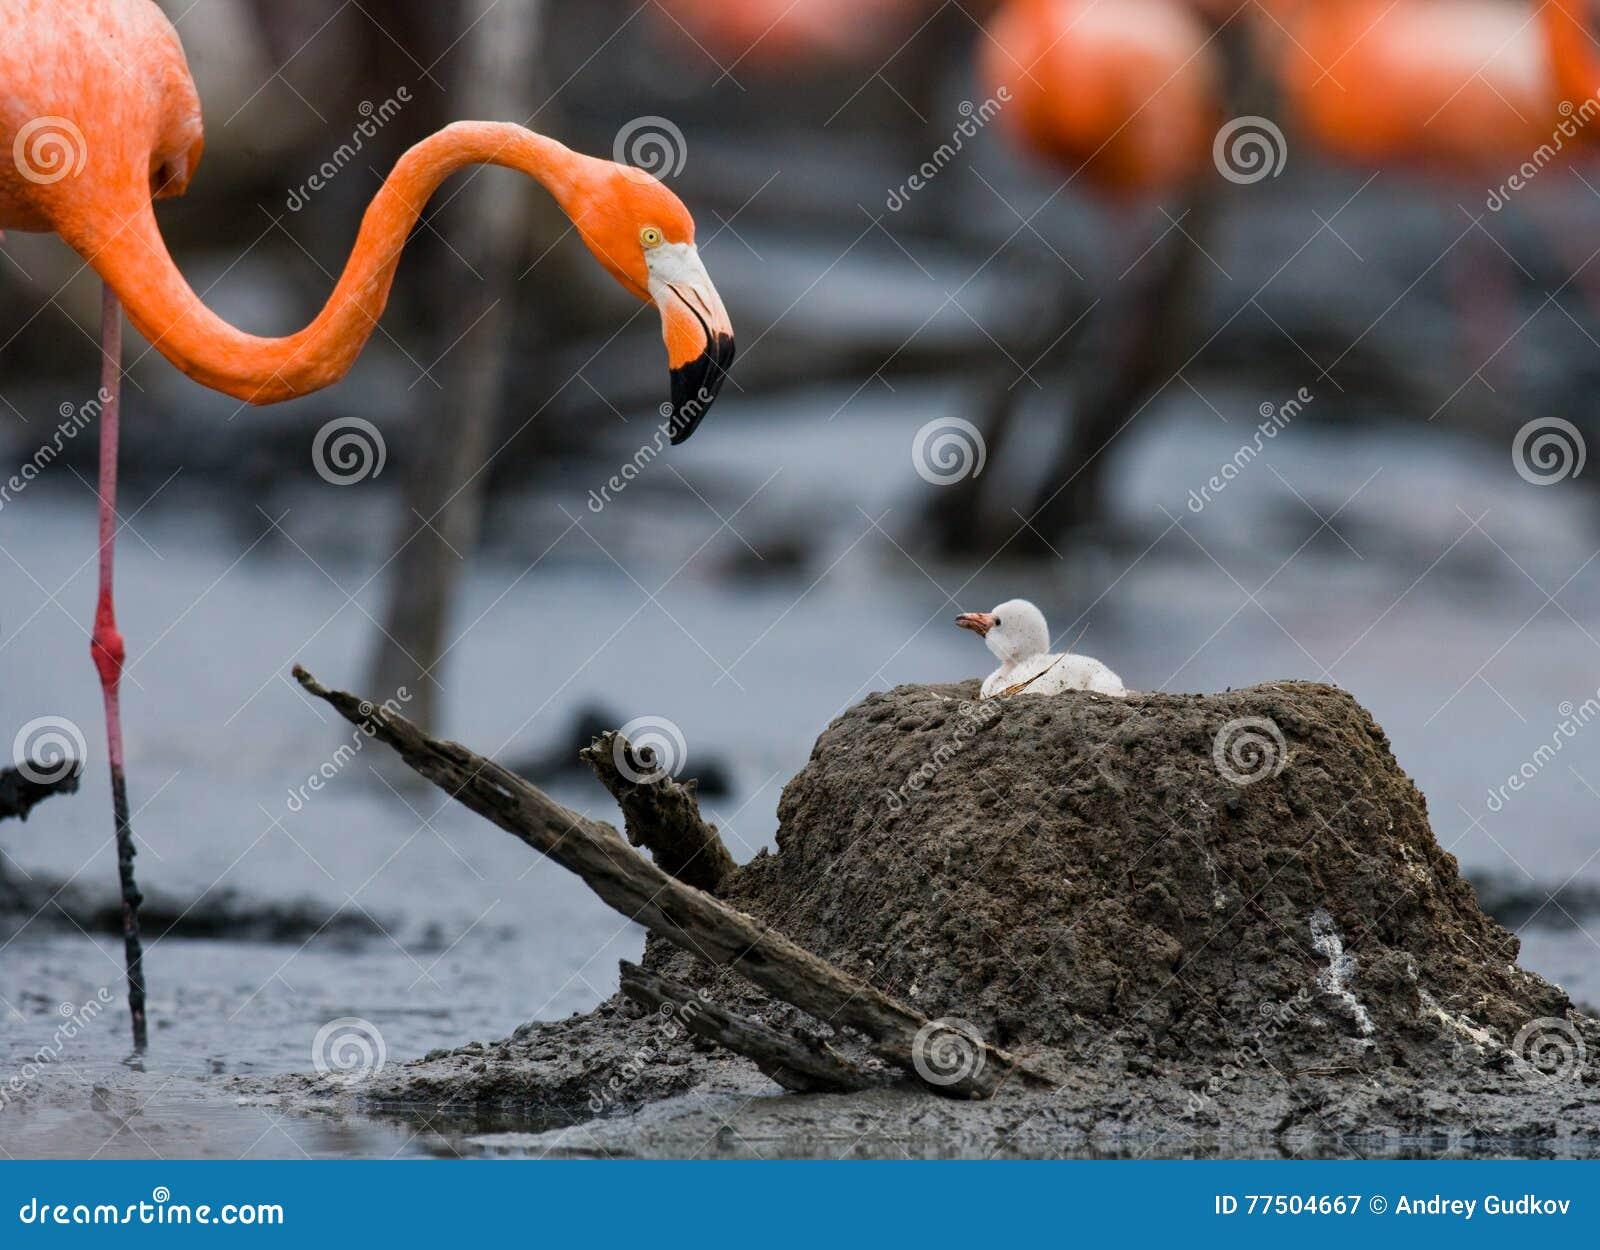 Flamingo Nests Caribbean Flamingo On ...